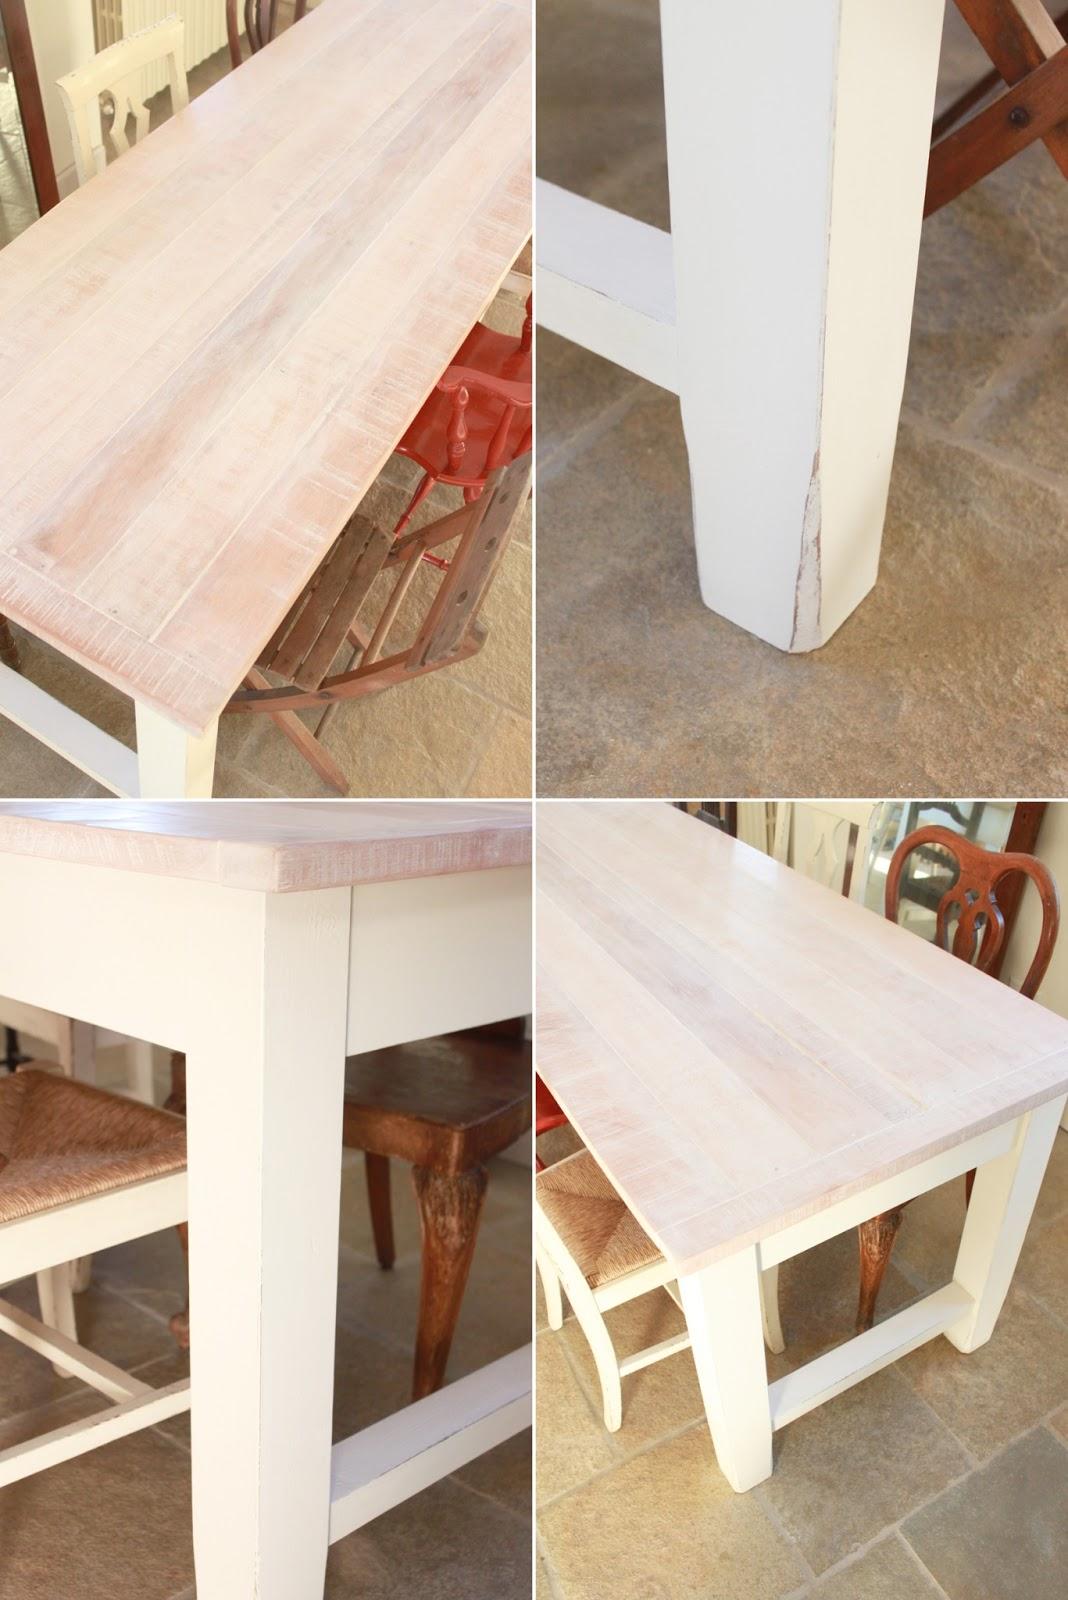 Come Fare Un Tavolo Da Giardino.Come Costruire Un Tavolo Da Giardino In Legno Tavolo Rustico Per